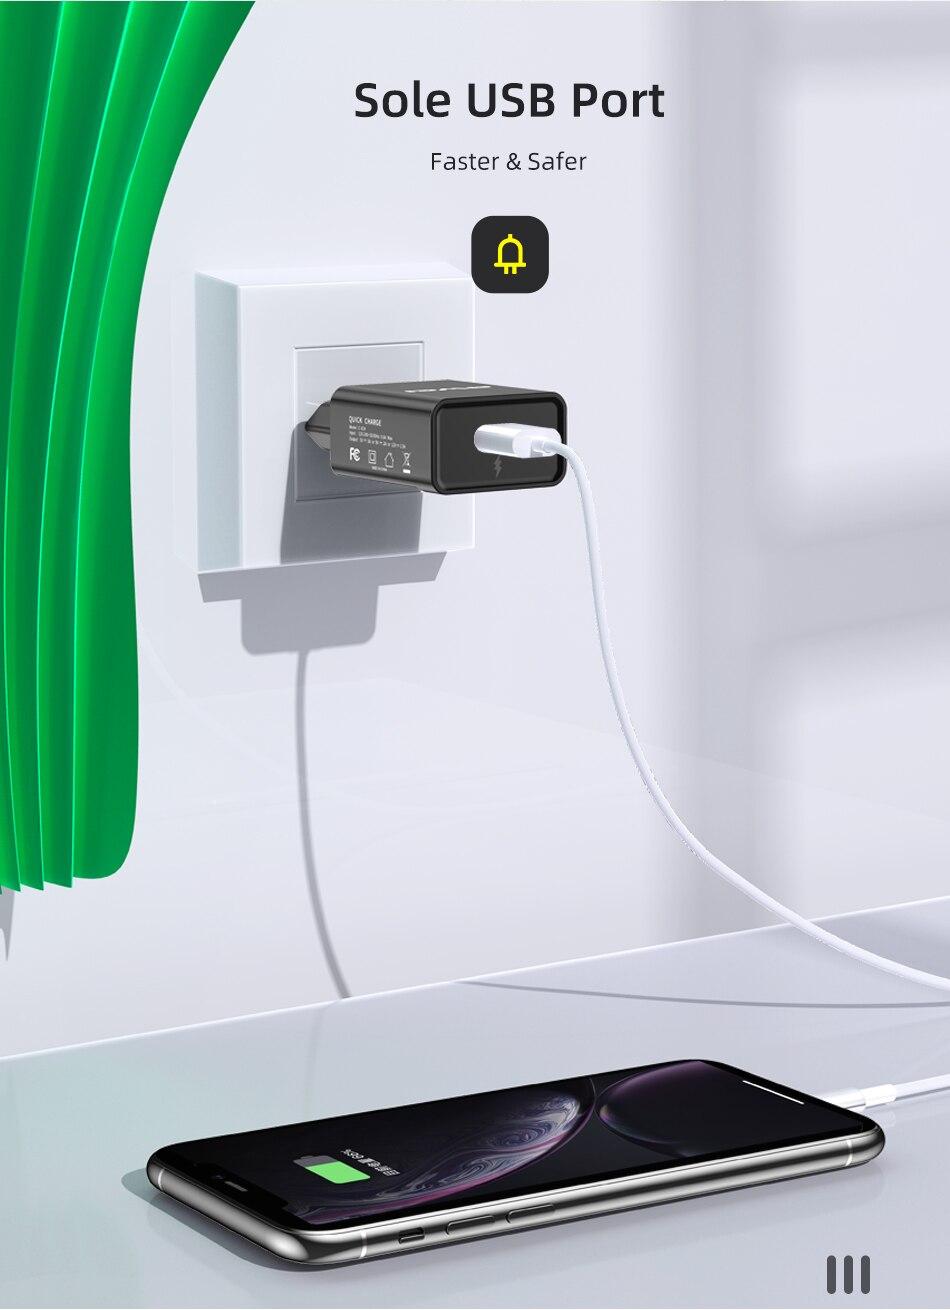 Φορτιστής Universal Awei C-824 Fast Charging Adapter διαφημιστικά 3